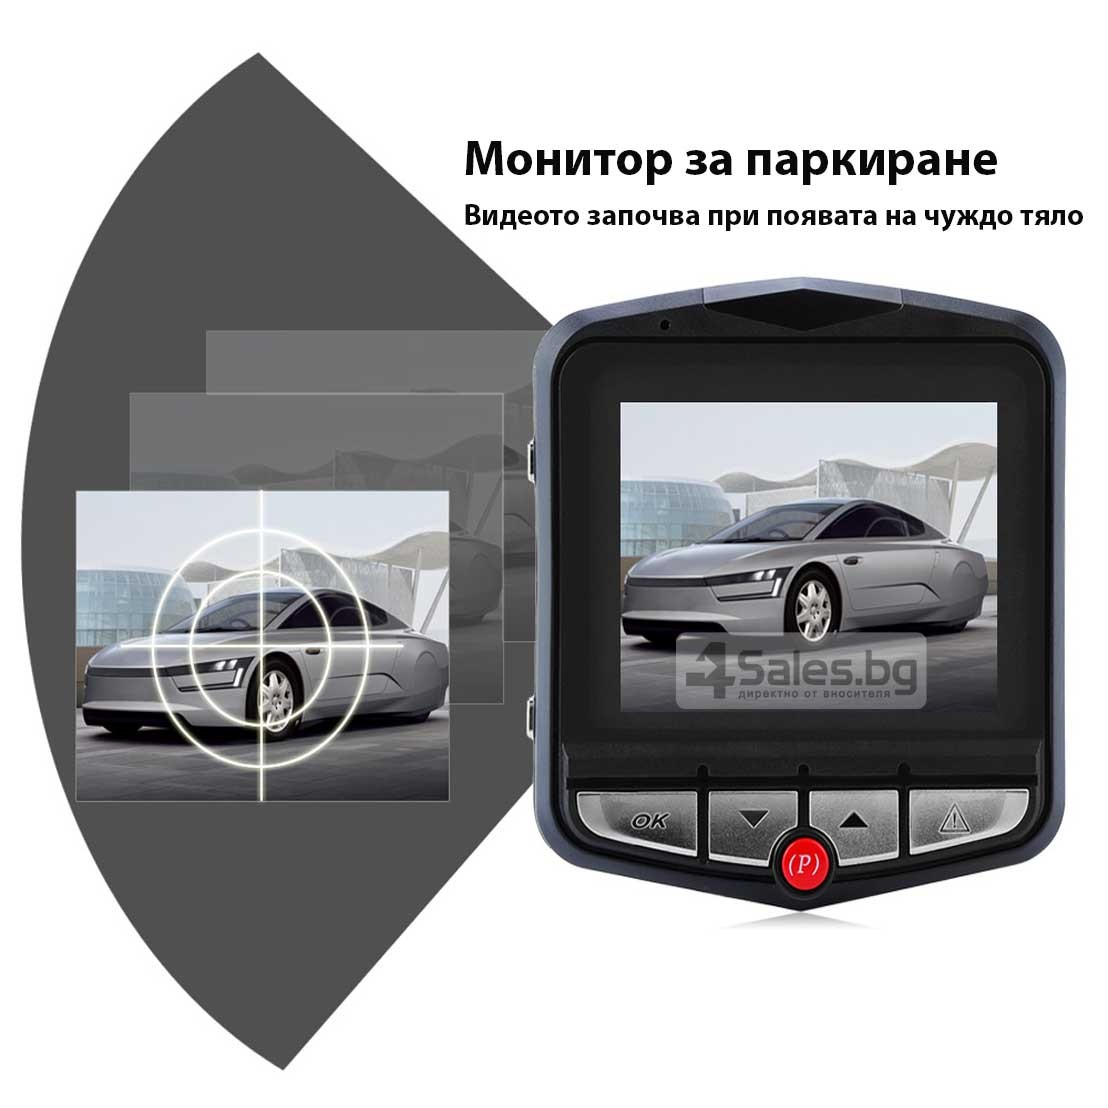 Видеорегистратор за кола GT300 Full HD с функция WDR -3Mpx AC26 28